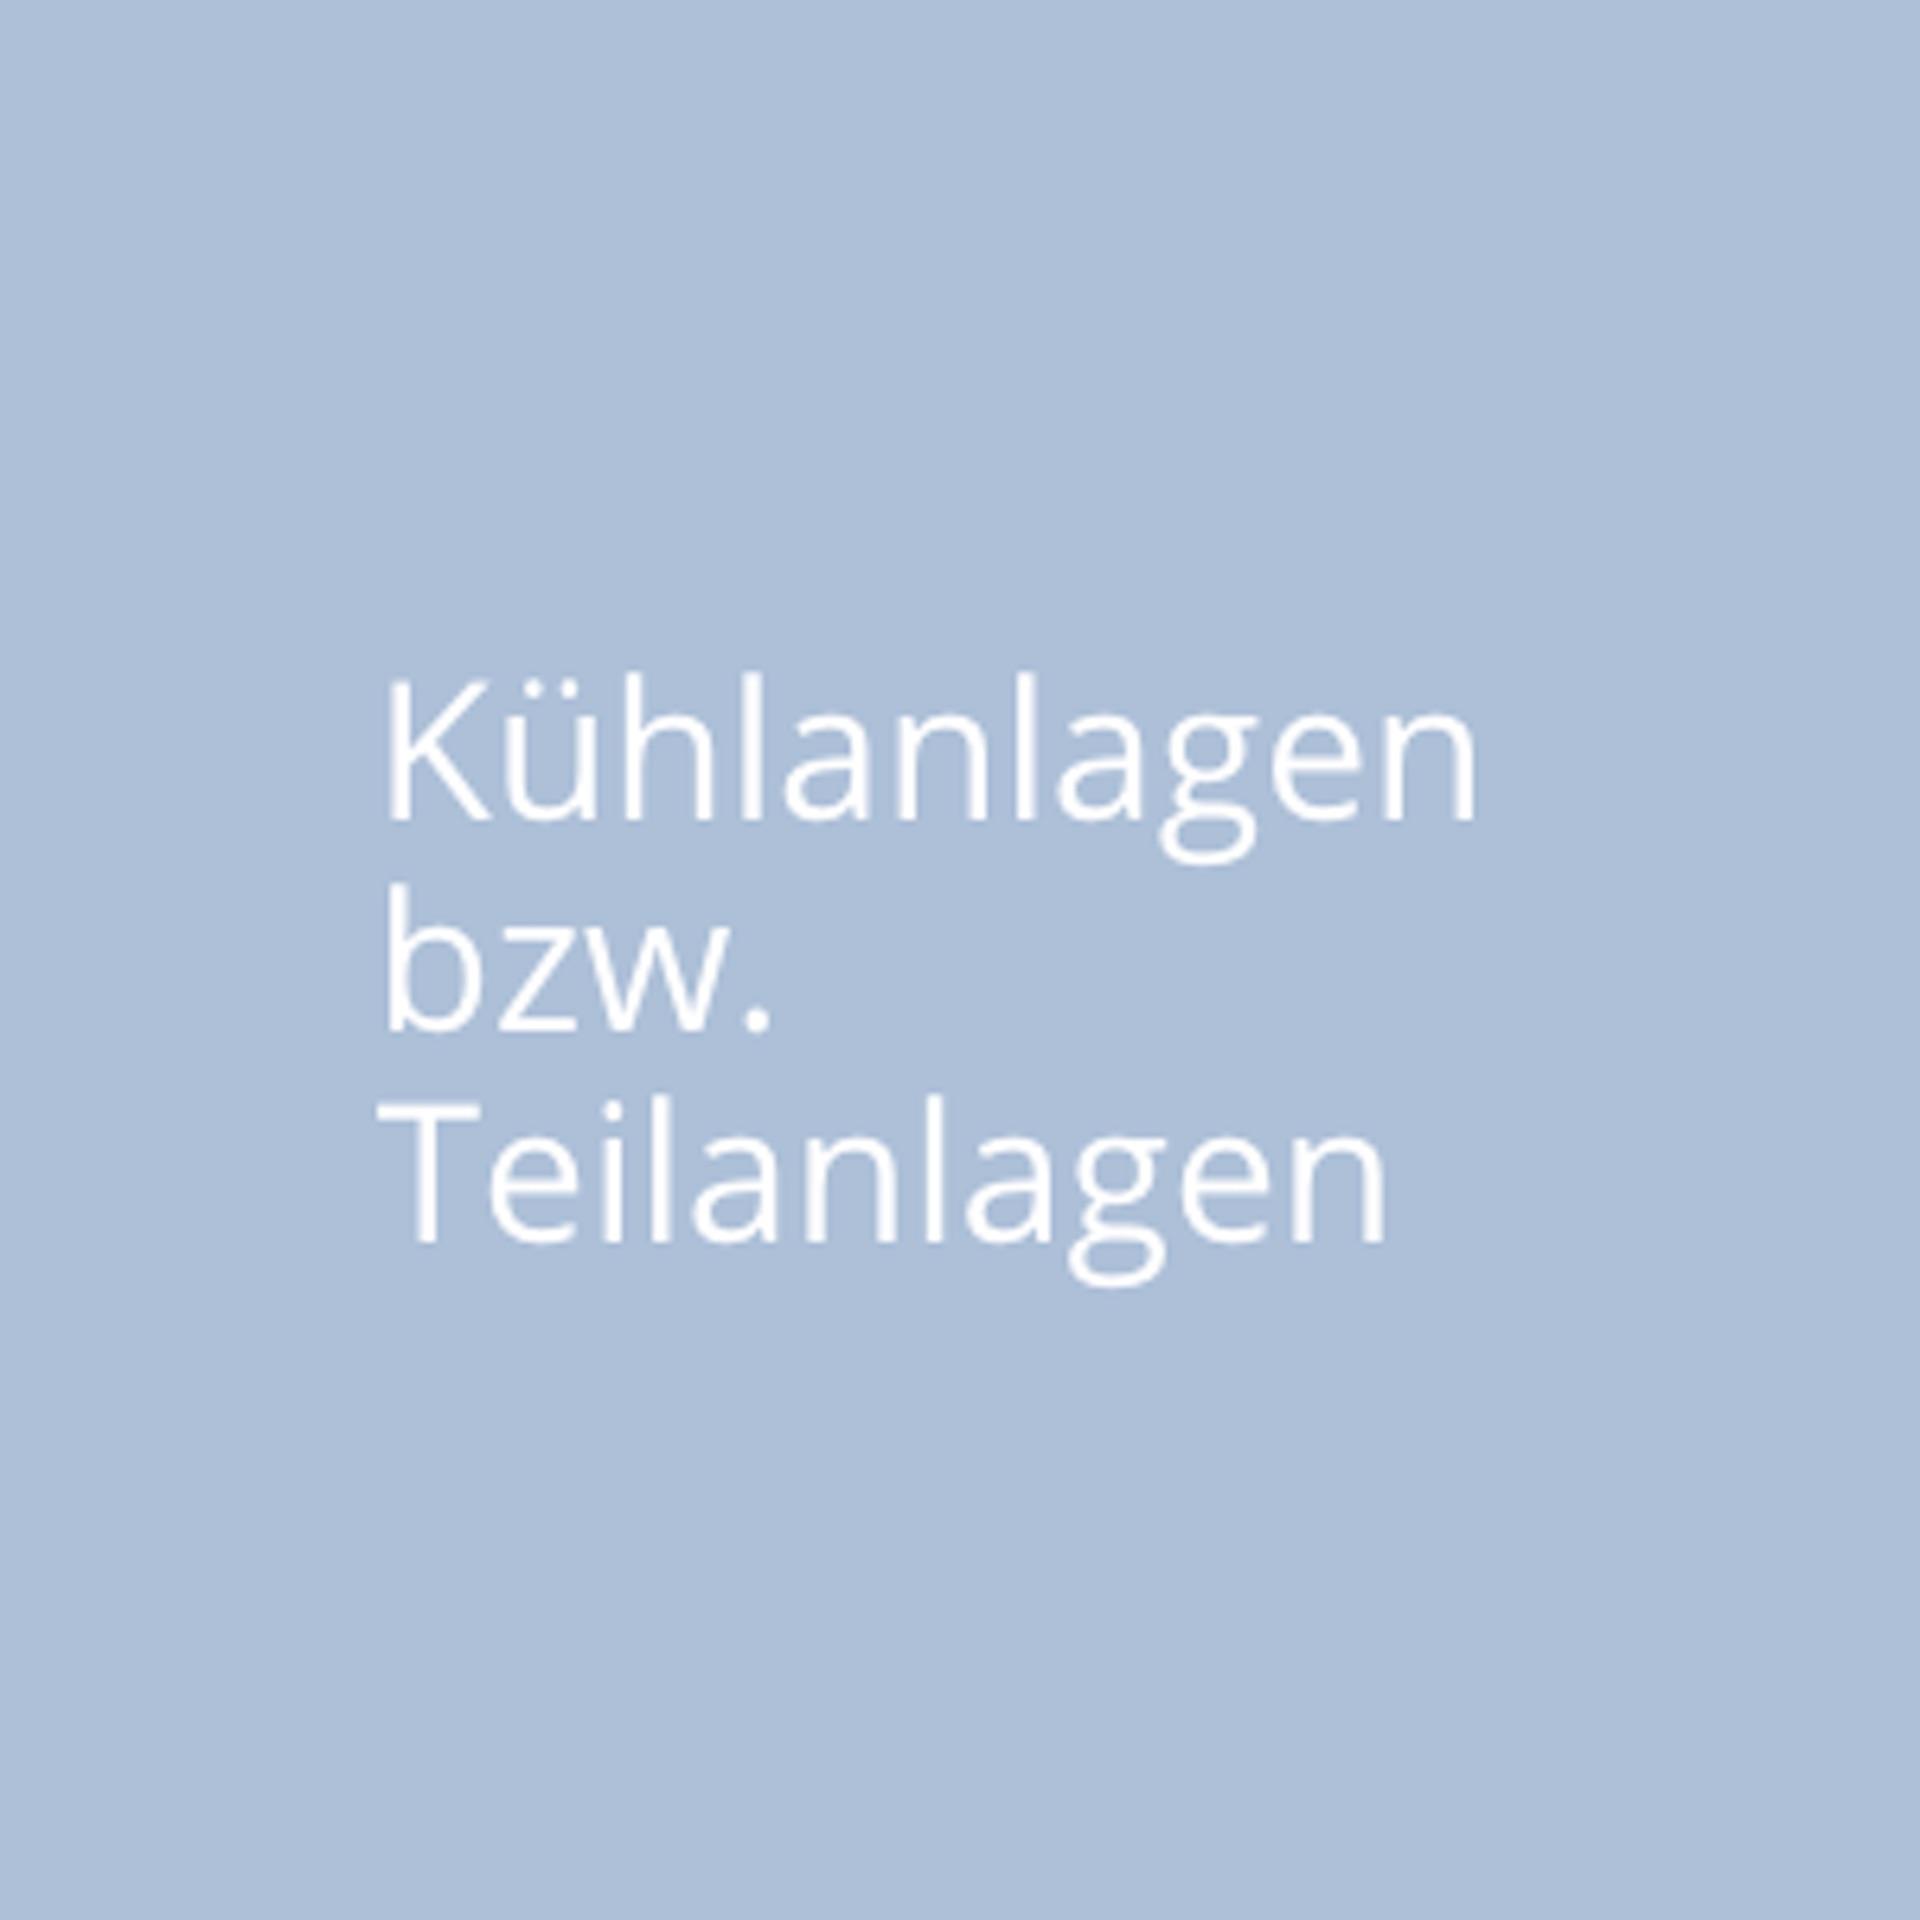 GWA_Kuehlanlagen_bzw._Teilanlagen_Gesellschaft_fuer_Waerme_und_Anlagentechnik